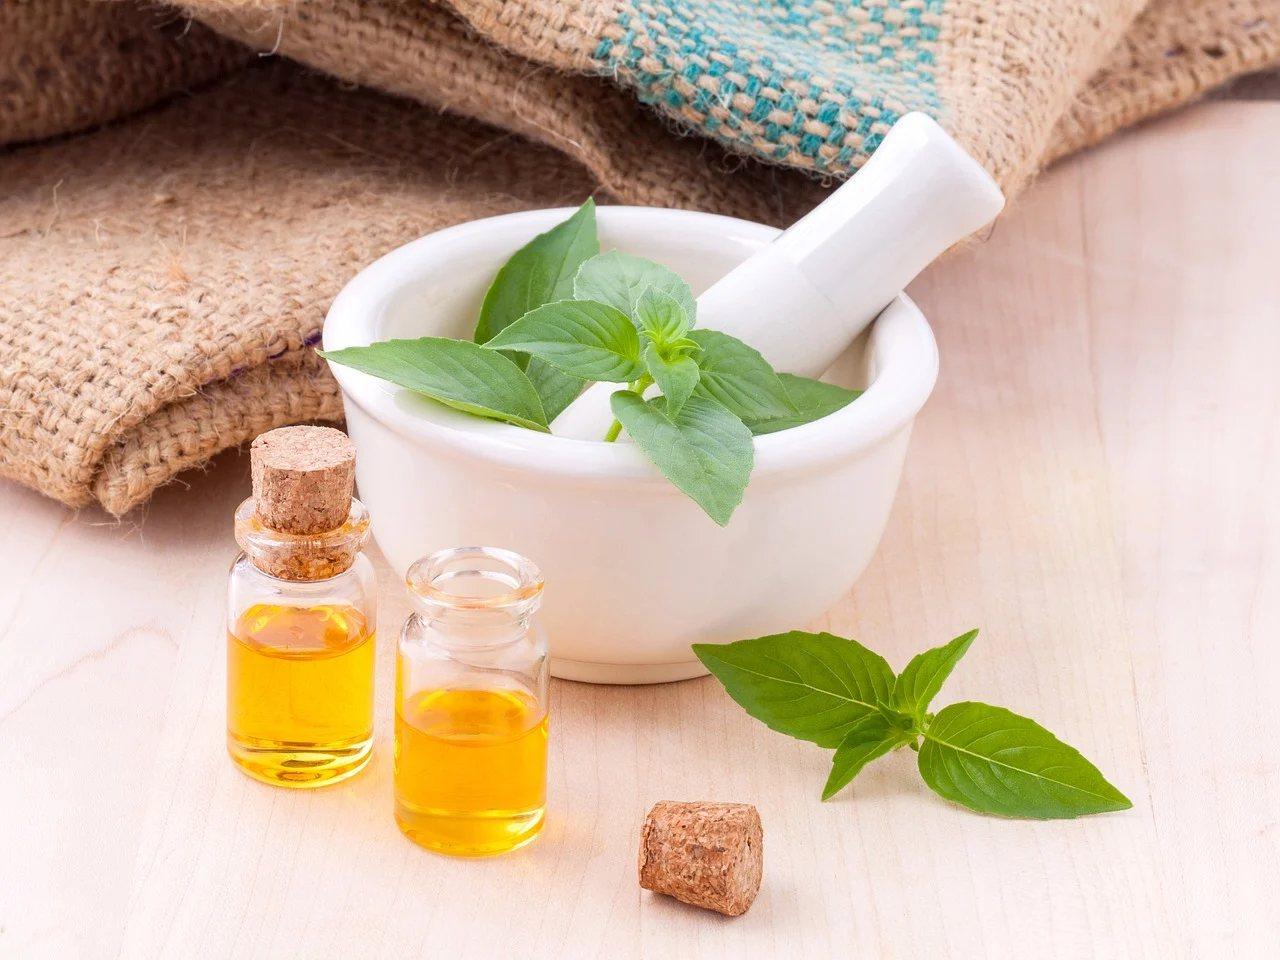 除了洗手和口罩防護,建議同時使用藥草精油來提升免疫力。 圖/pixabay